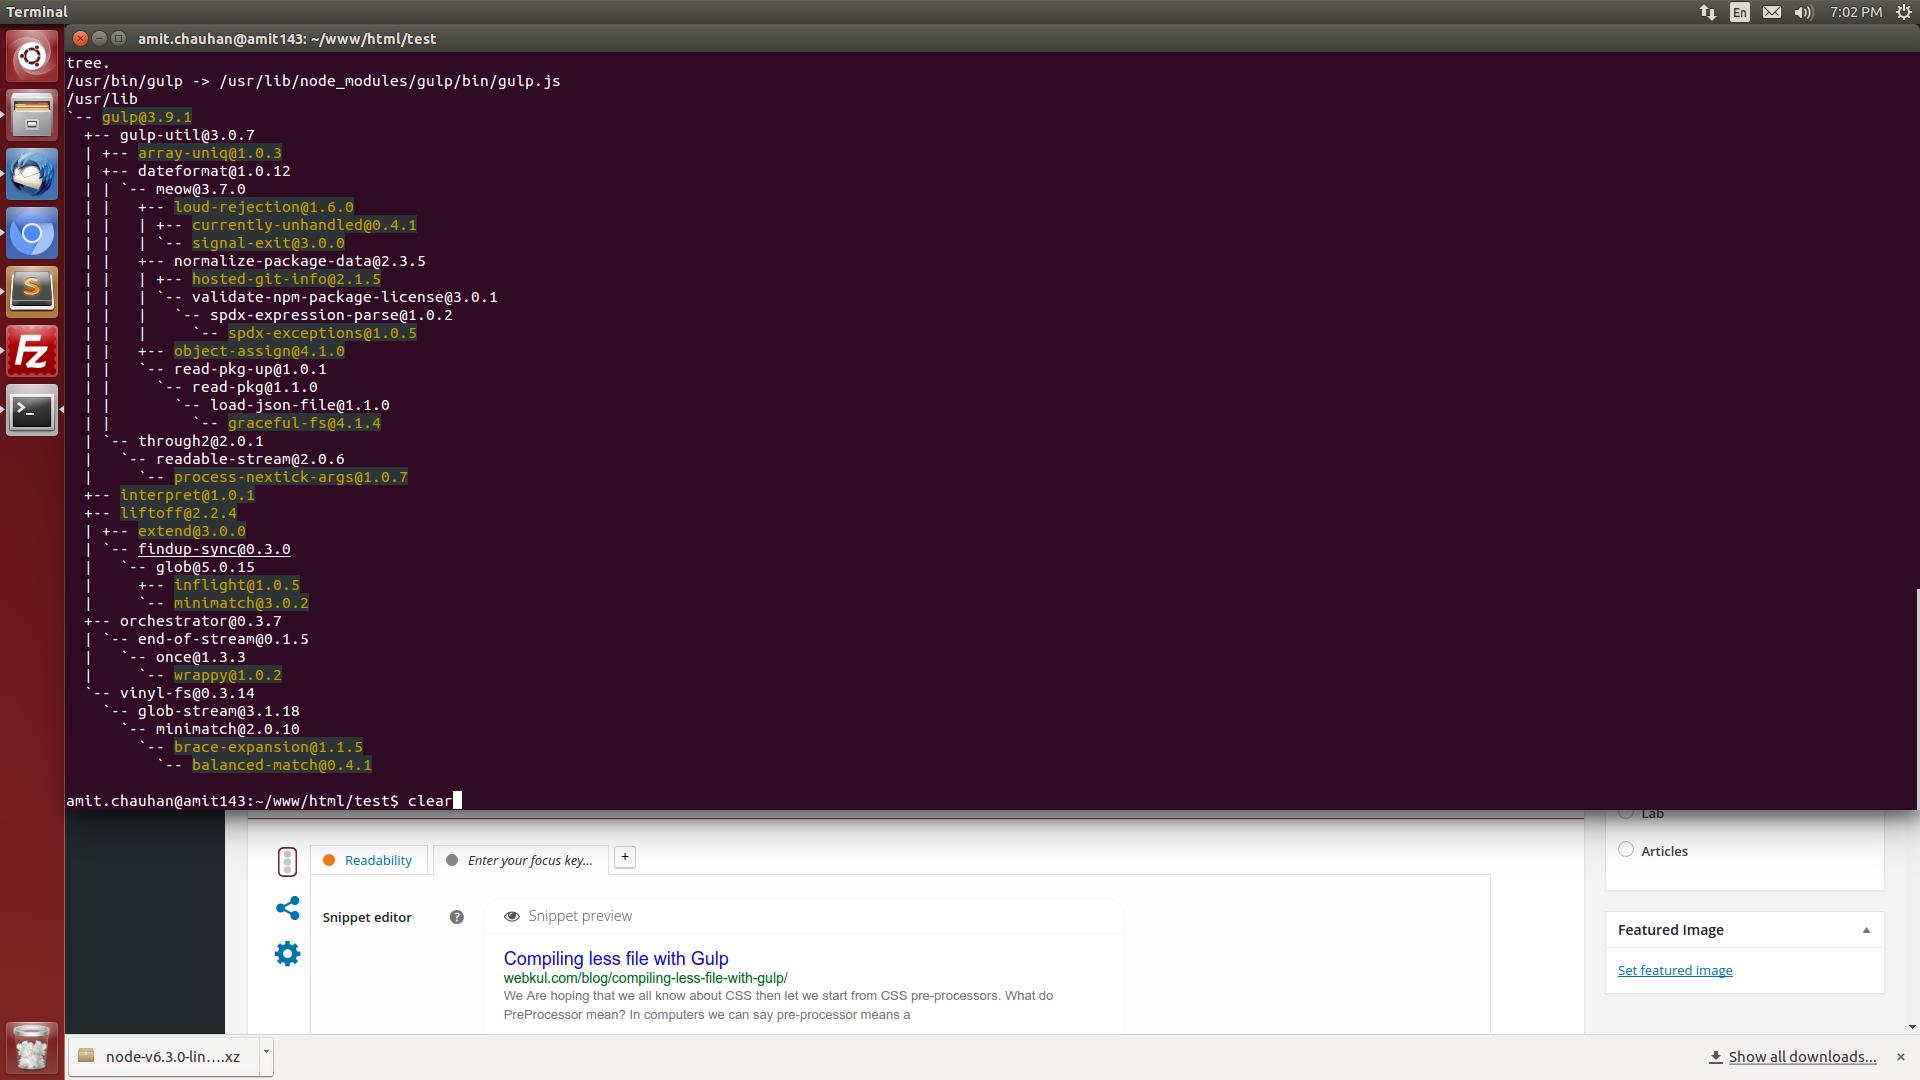 Screenshot from 2016-07-14 19:02:44